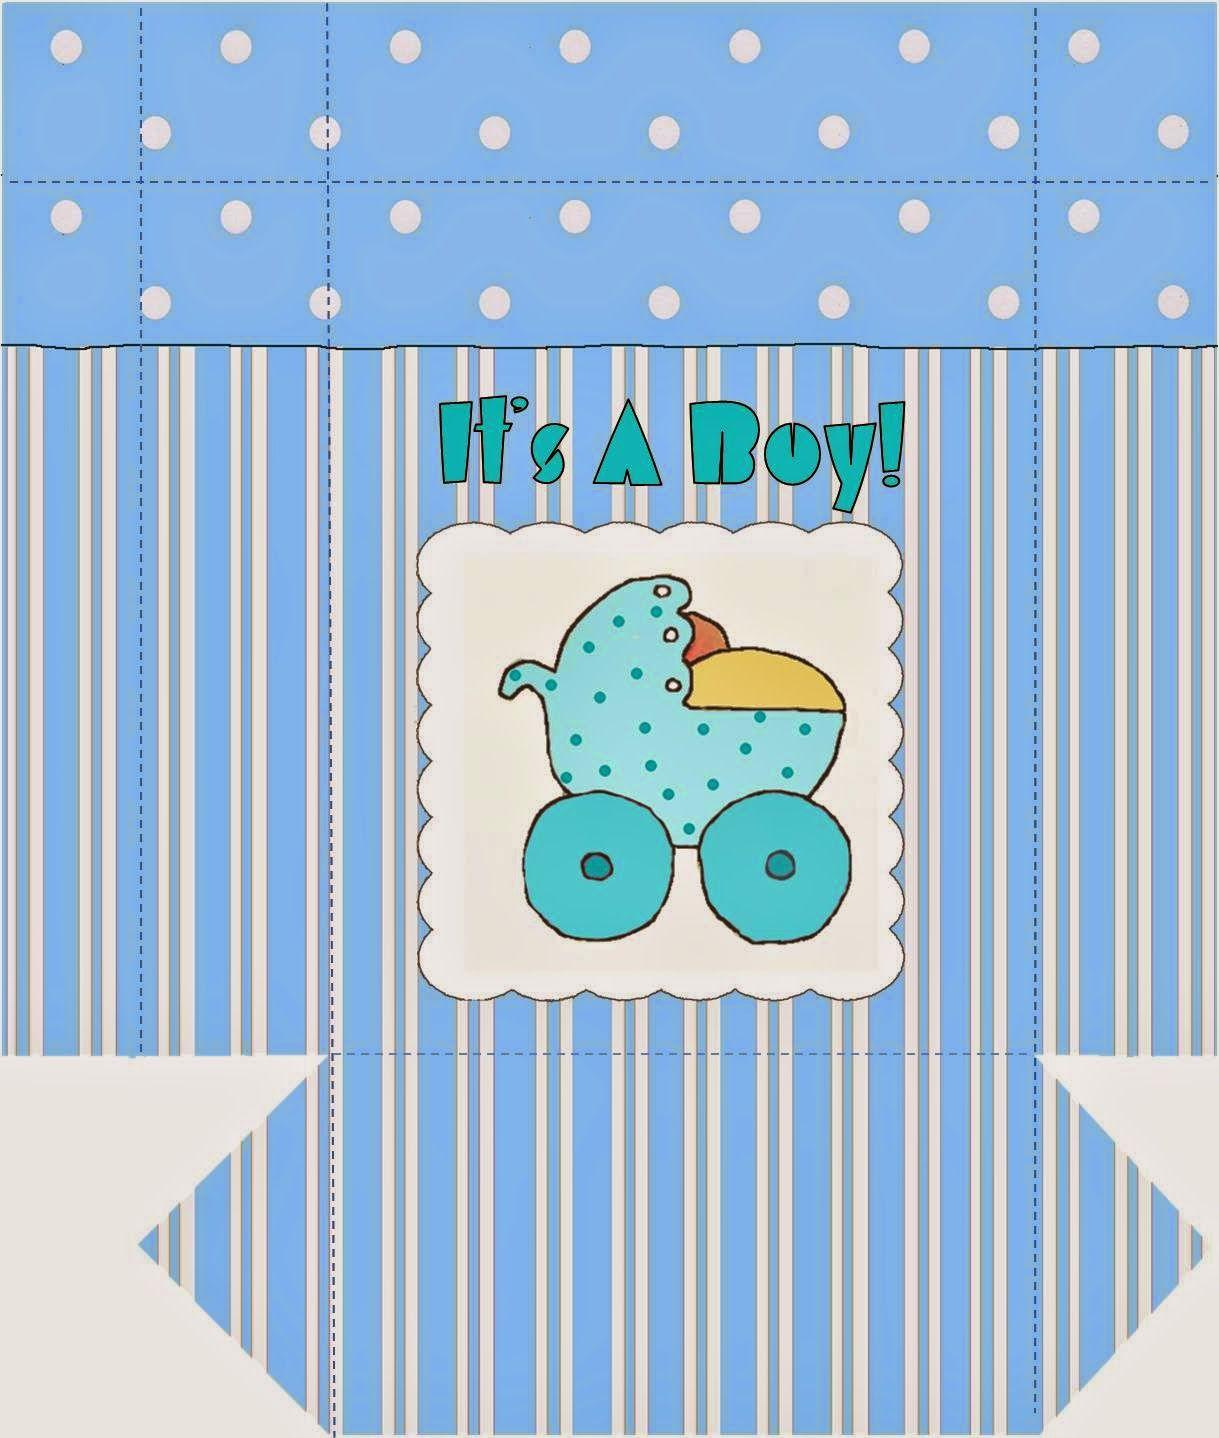 Cajas es un ni o para imprimir gratis baby shower - Novedades para baby shower ...